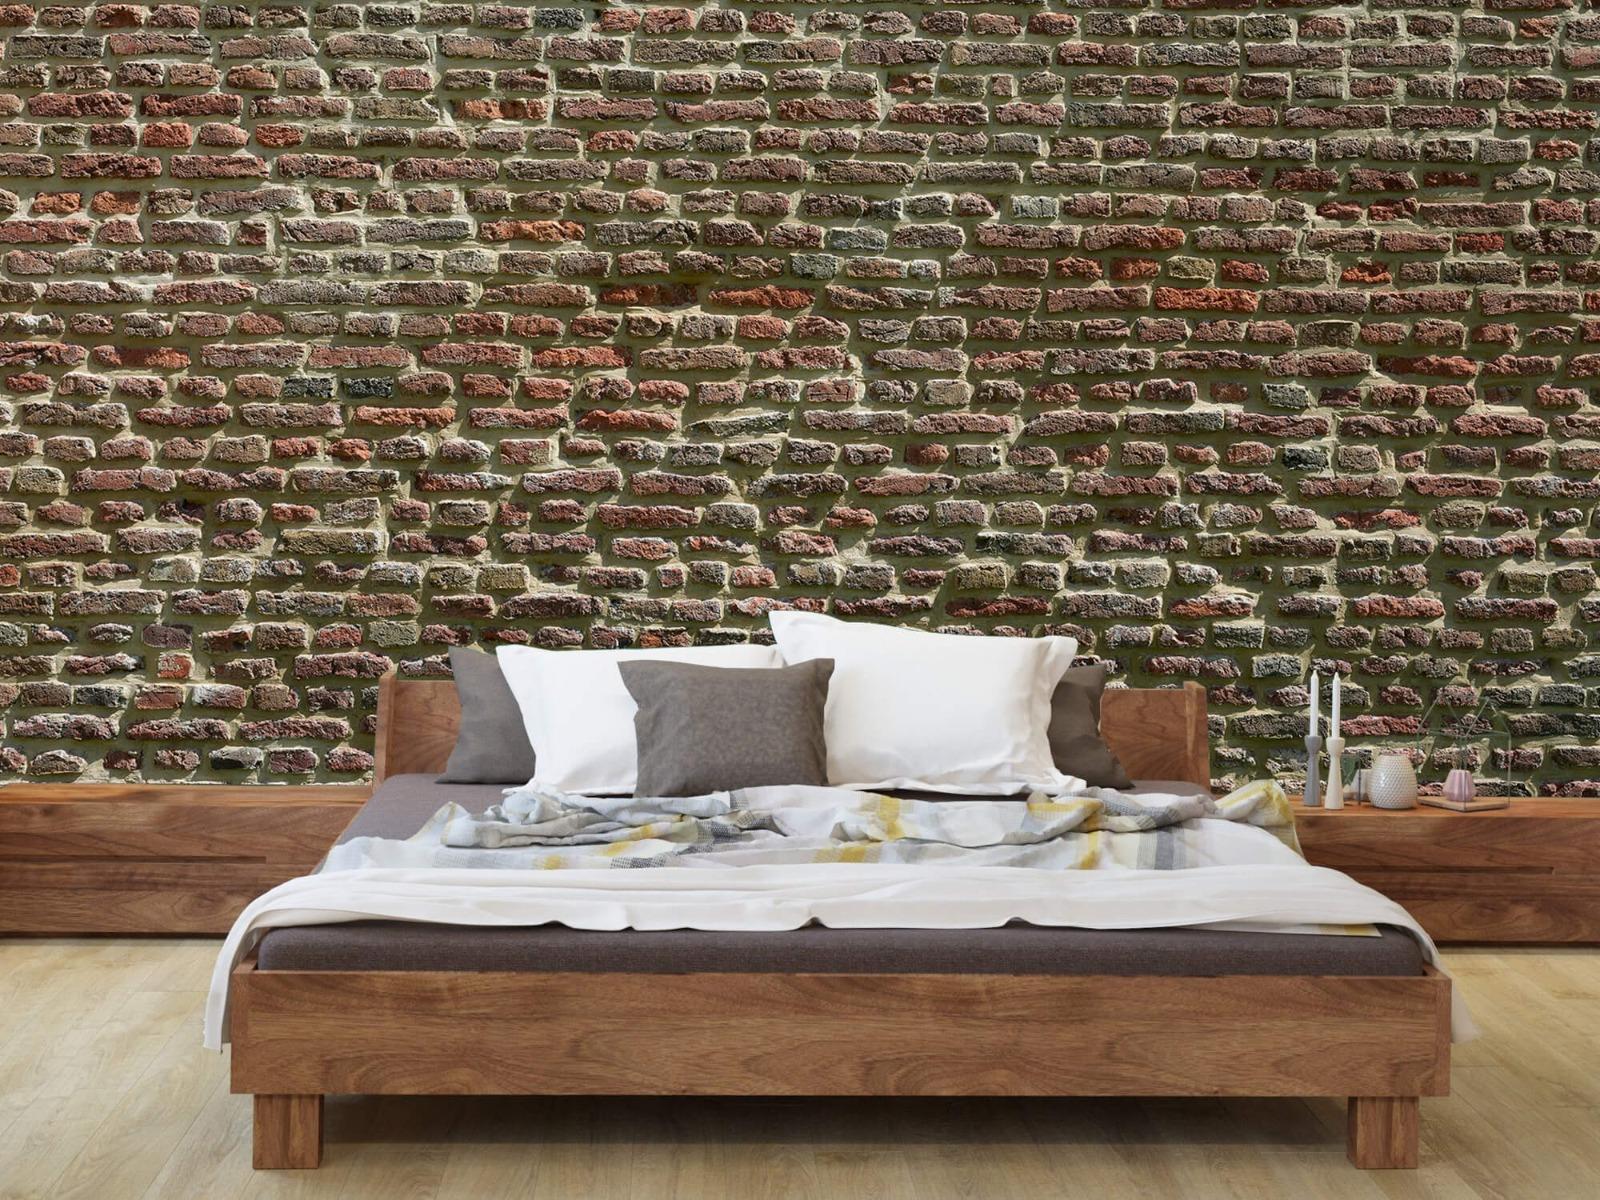 Stenen - Muur van oude bakstenen 10